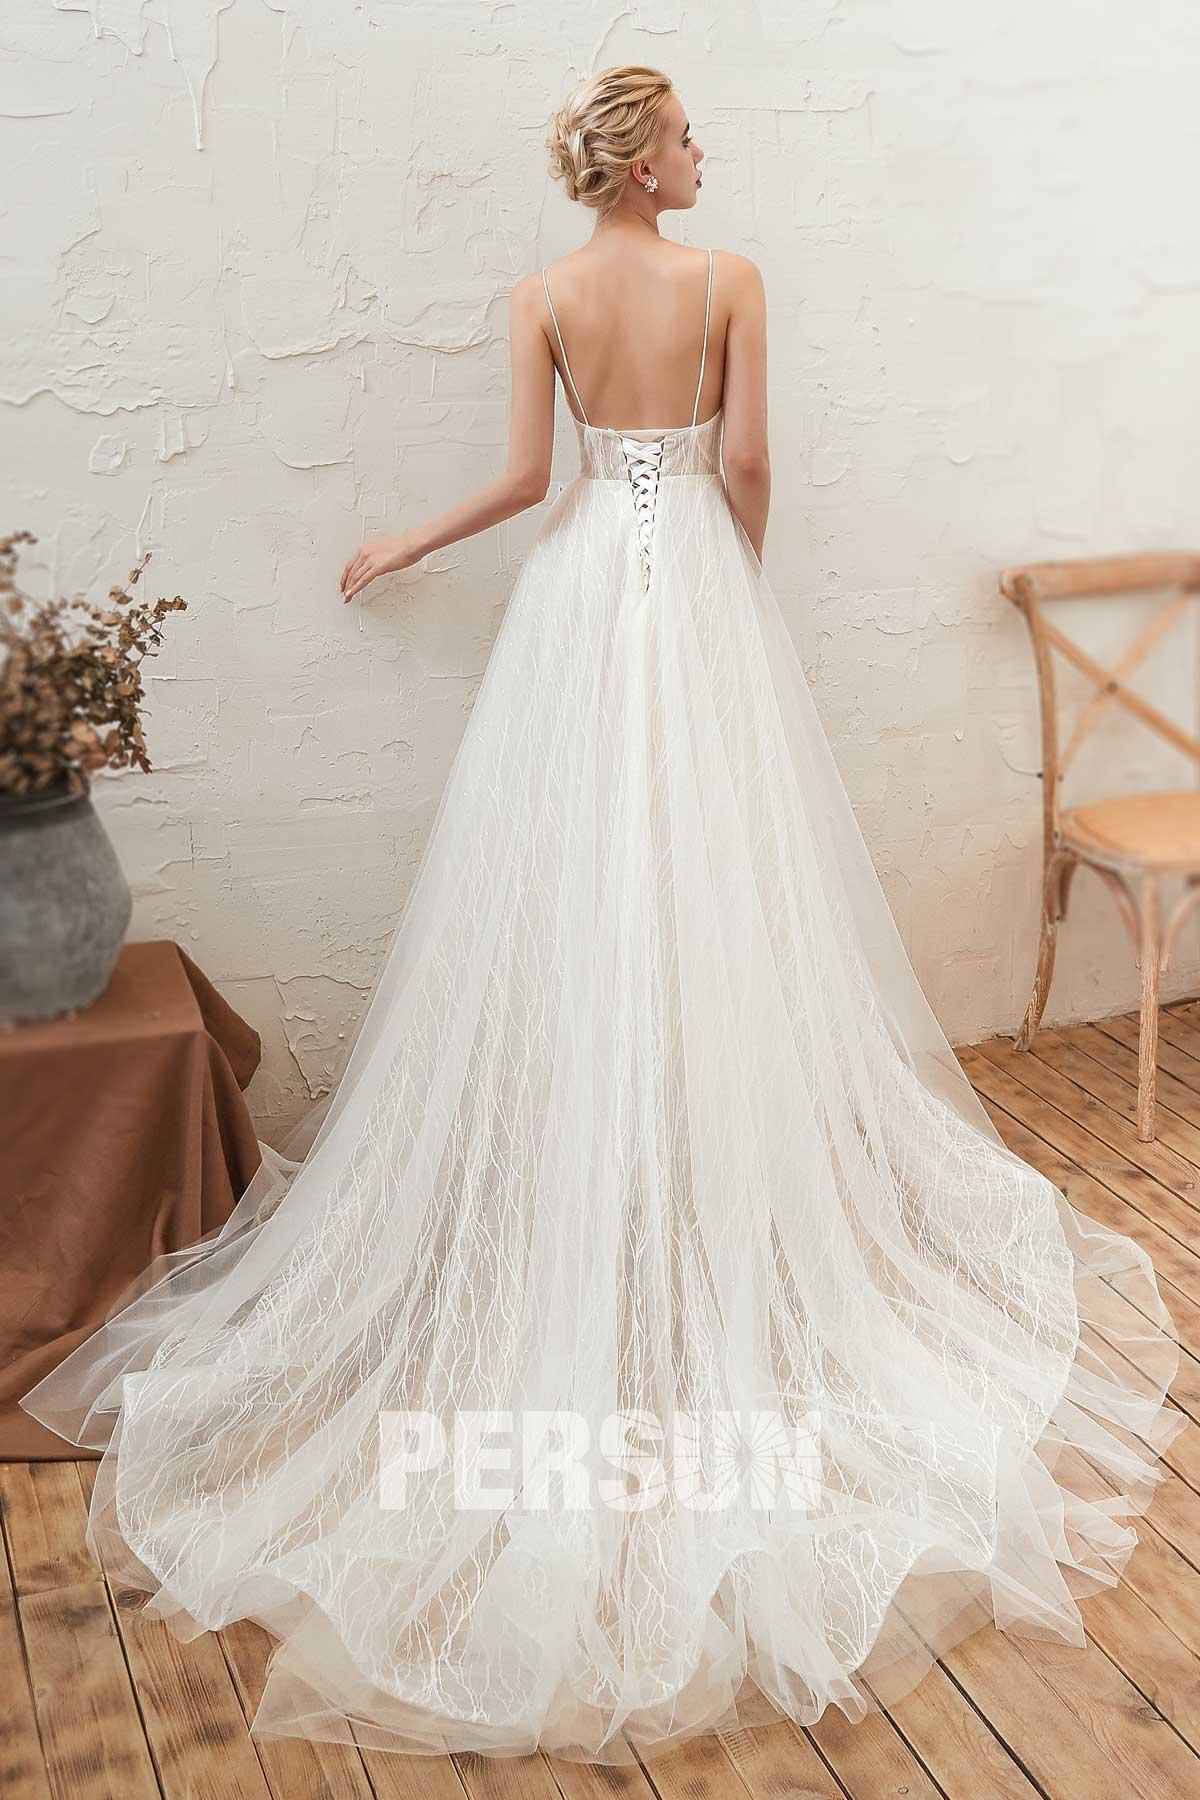 robe de mariée en dentelle dos nu avec bretelle fine